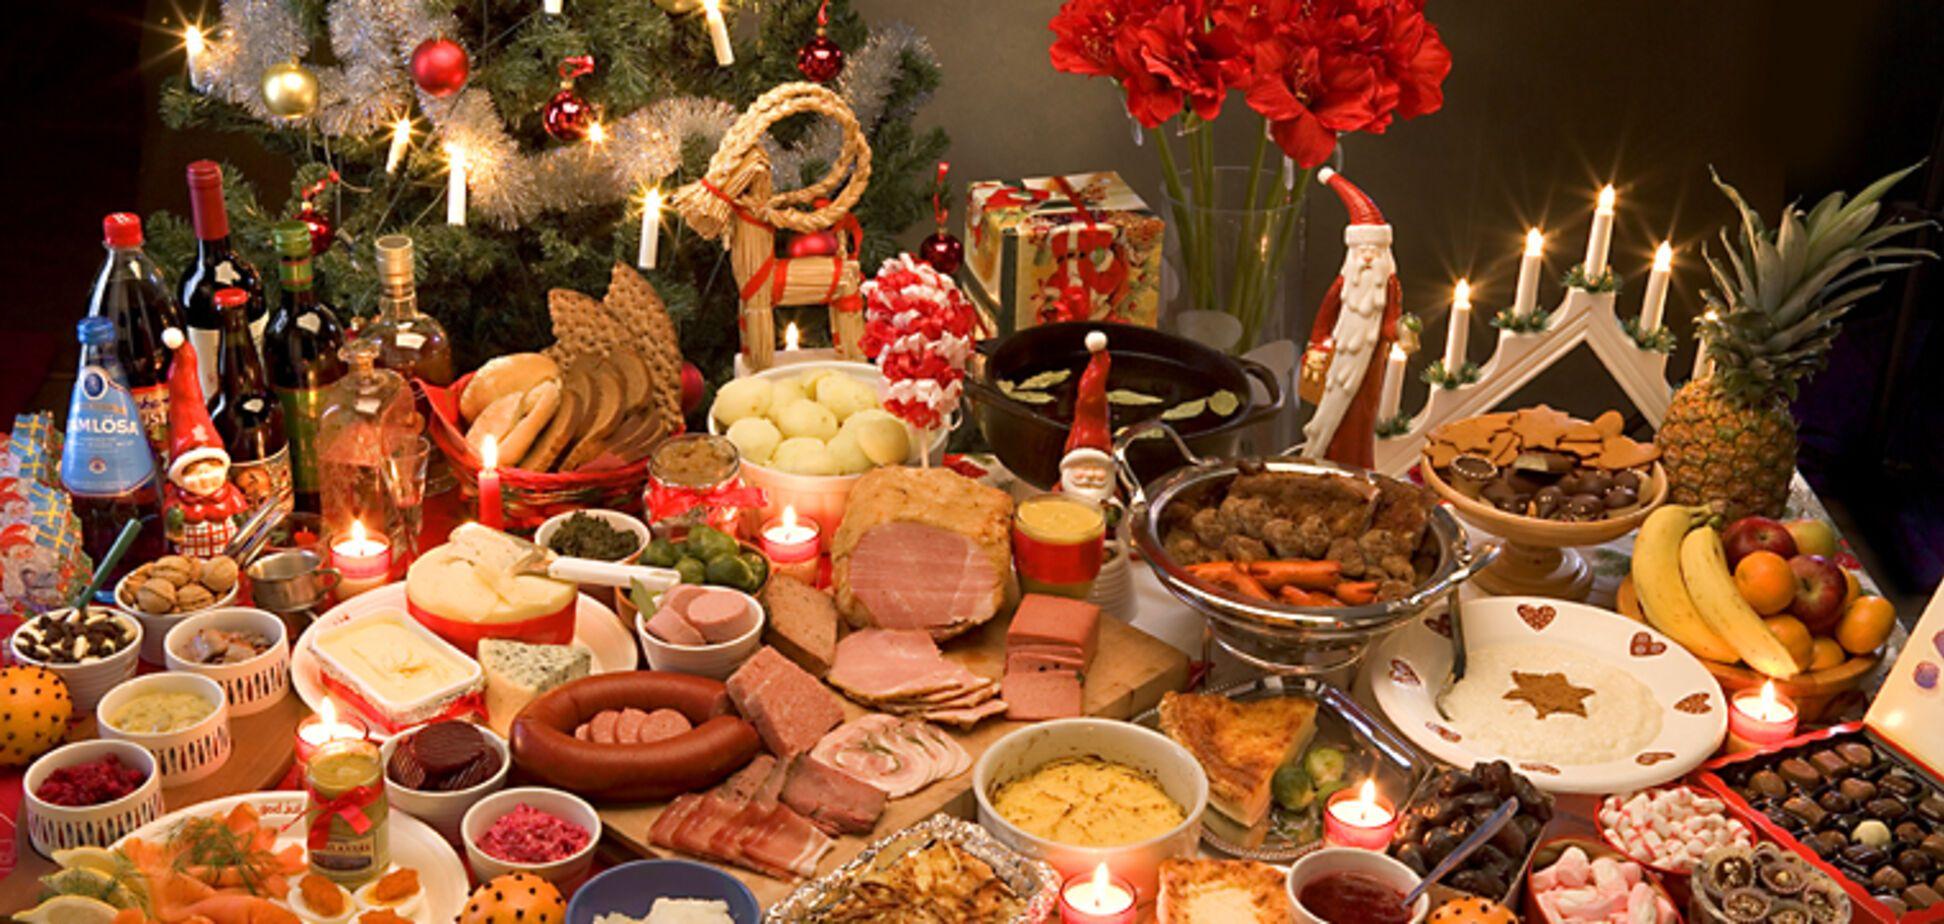 Ешьте шоколад и орехи! Минздрав дал украинцам 8 важных советов на Новый год